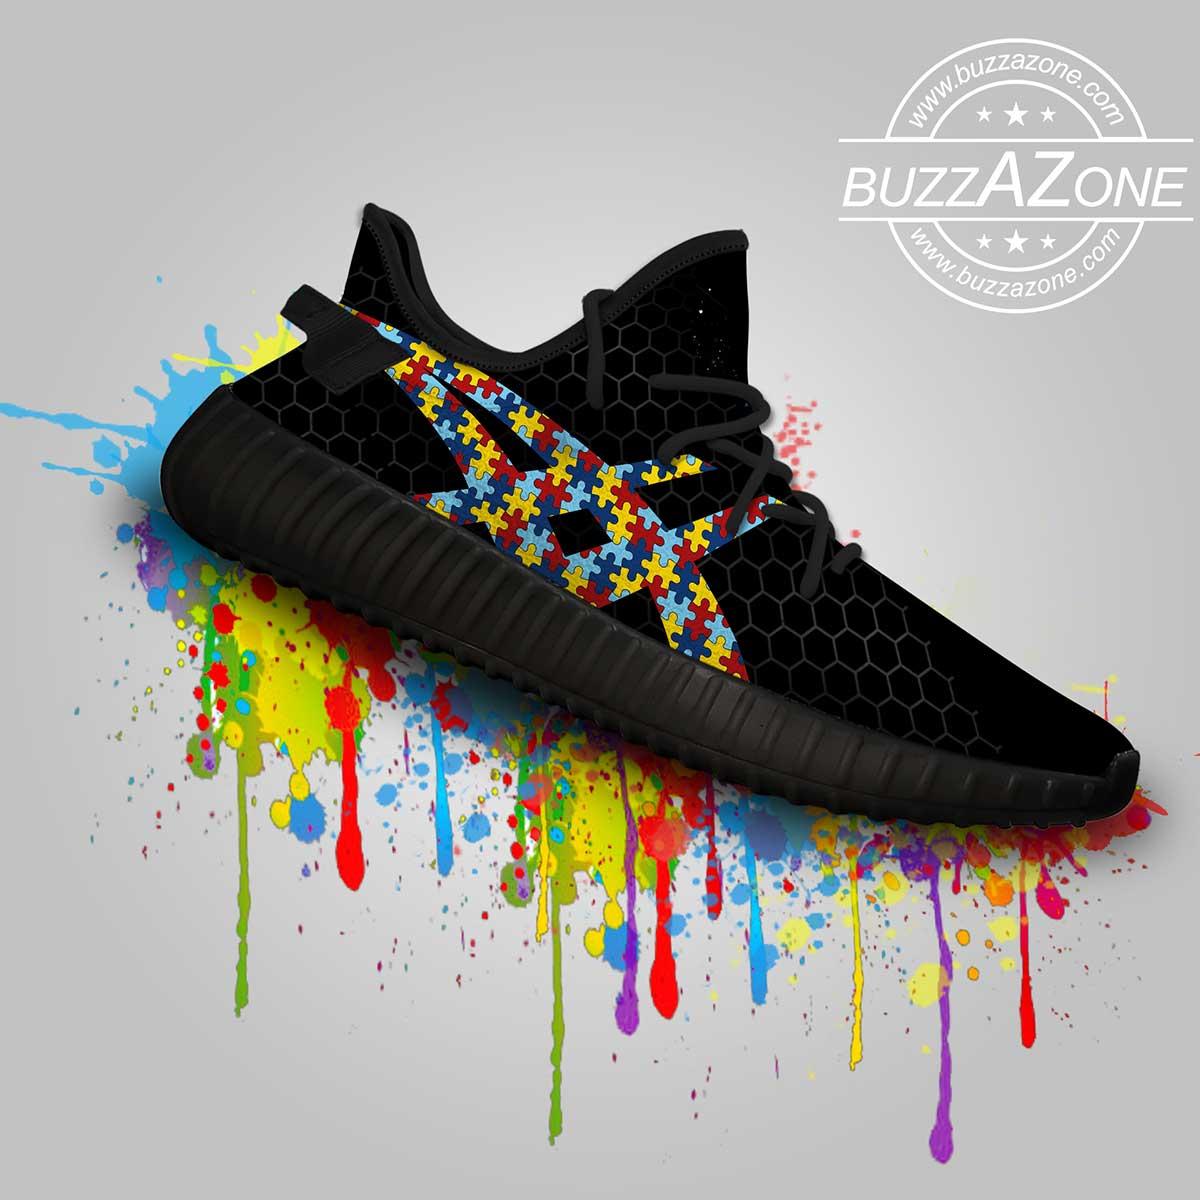 Autism awareness custom yeezy sneakers 1